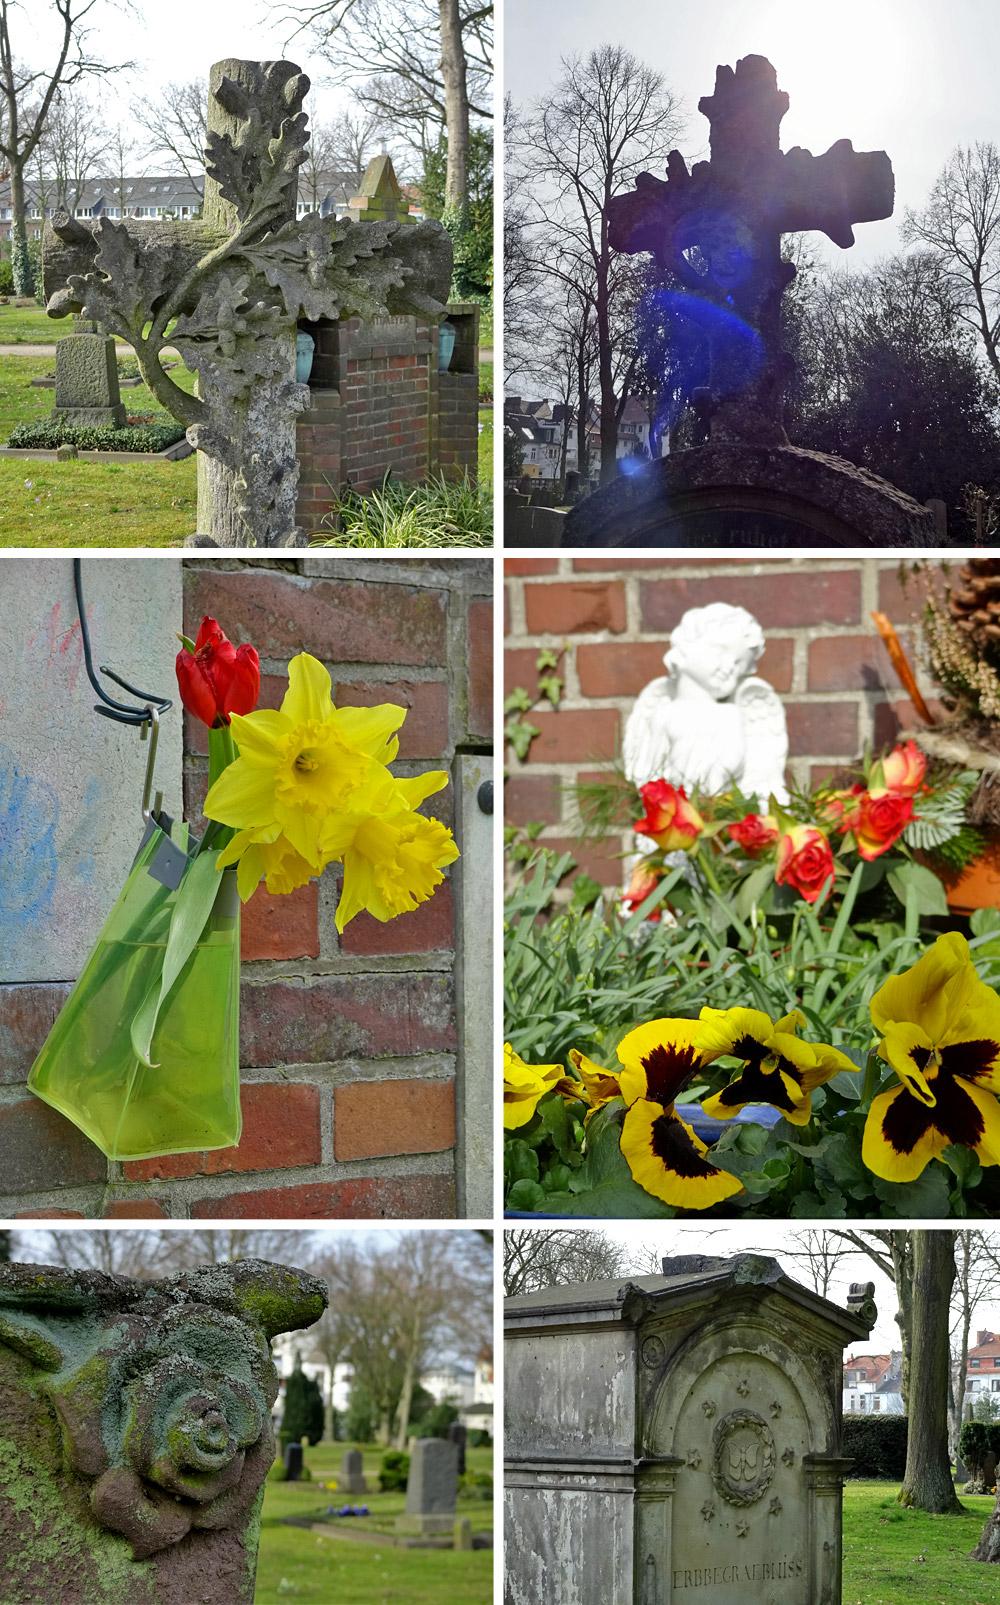 Gräber und Blumen auf dem Friedhof